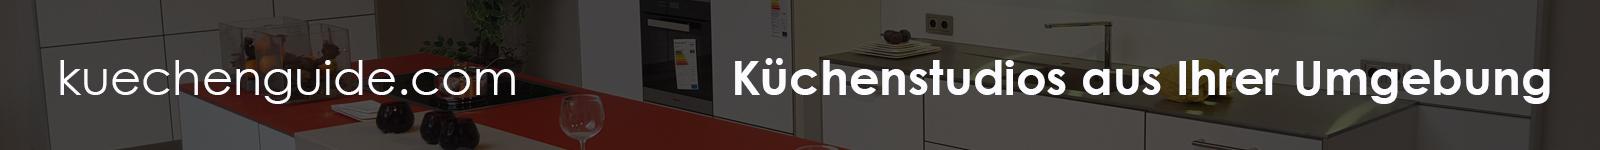 kuechenguide.com